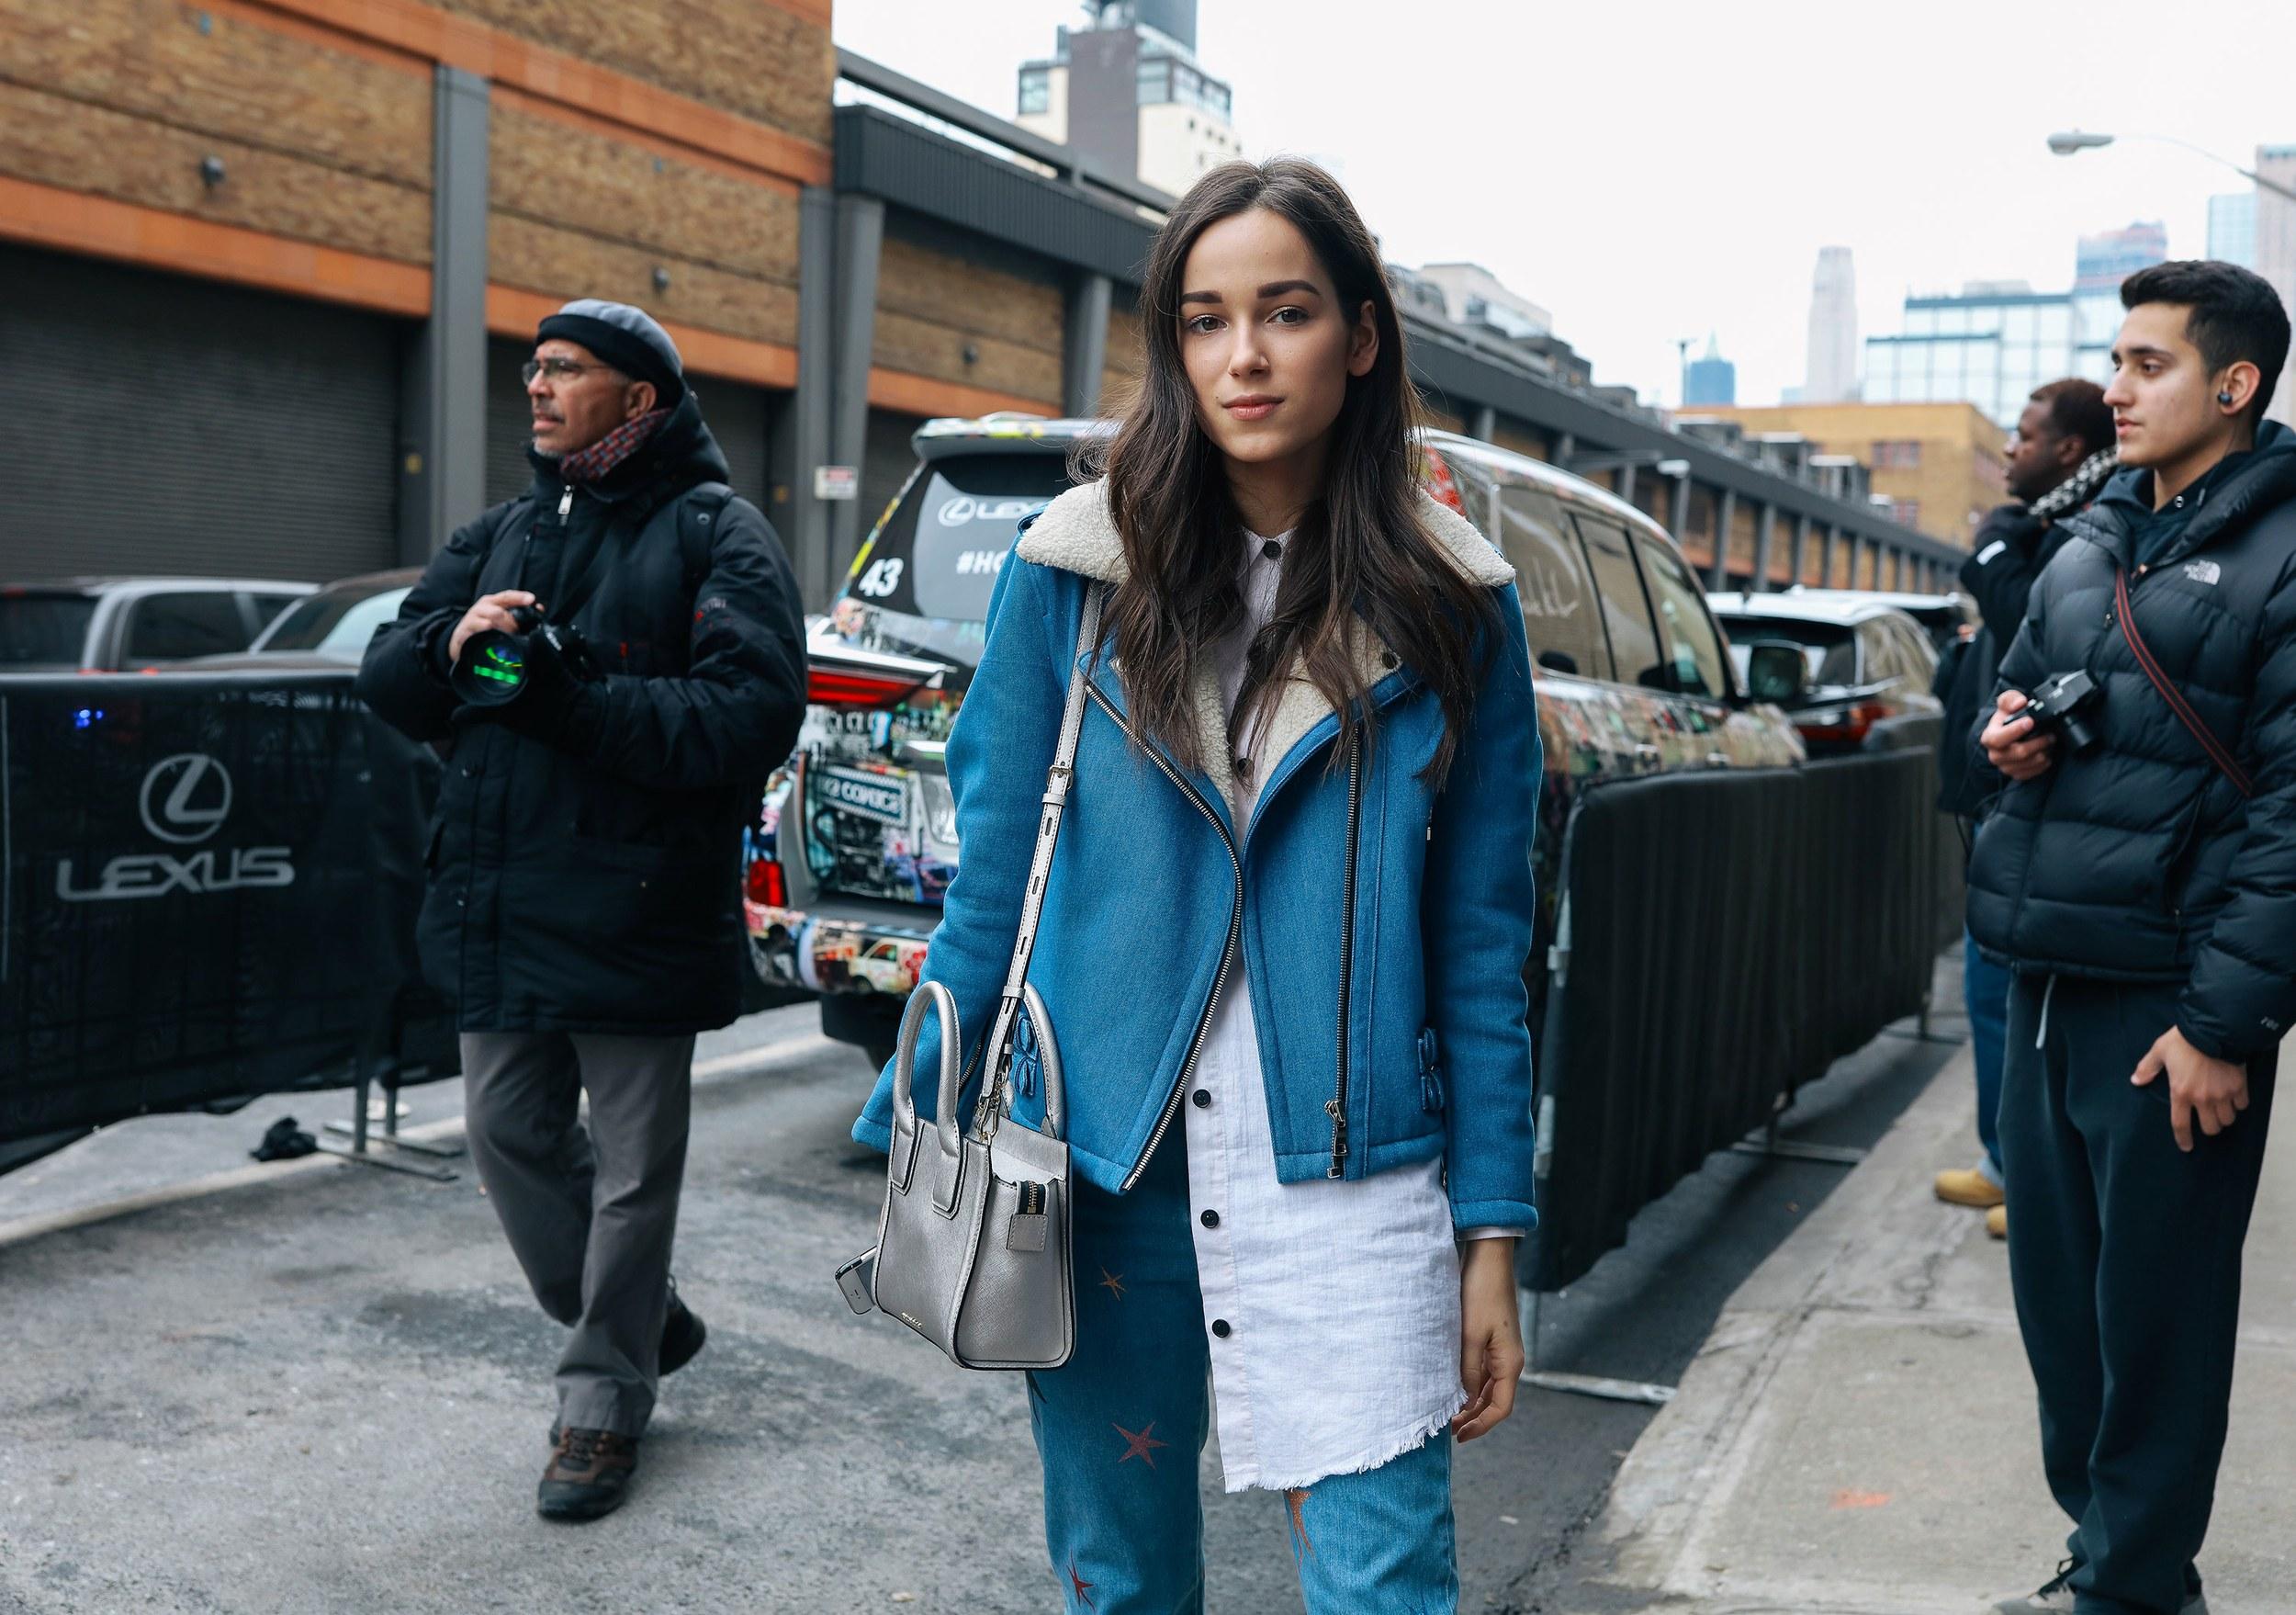 Chiêm ngưỡng đặc sản street style đẹp khó rời mắt tại Tuần lễ thời trang New York - Ảnh 21.